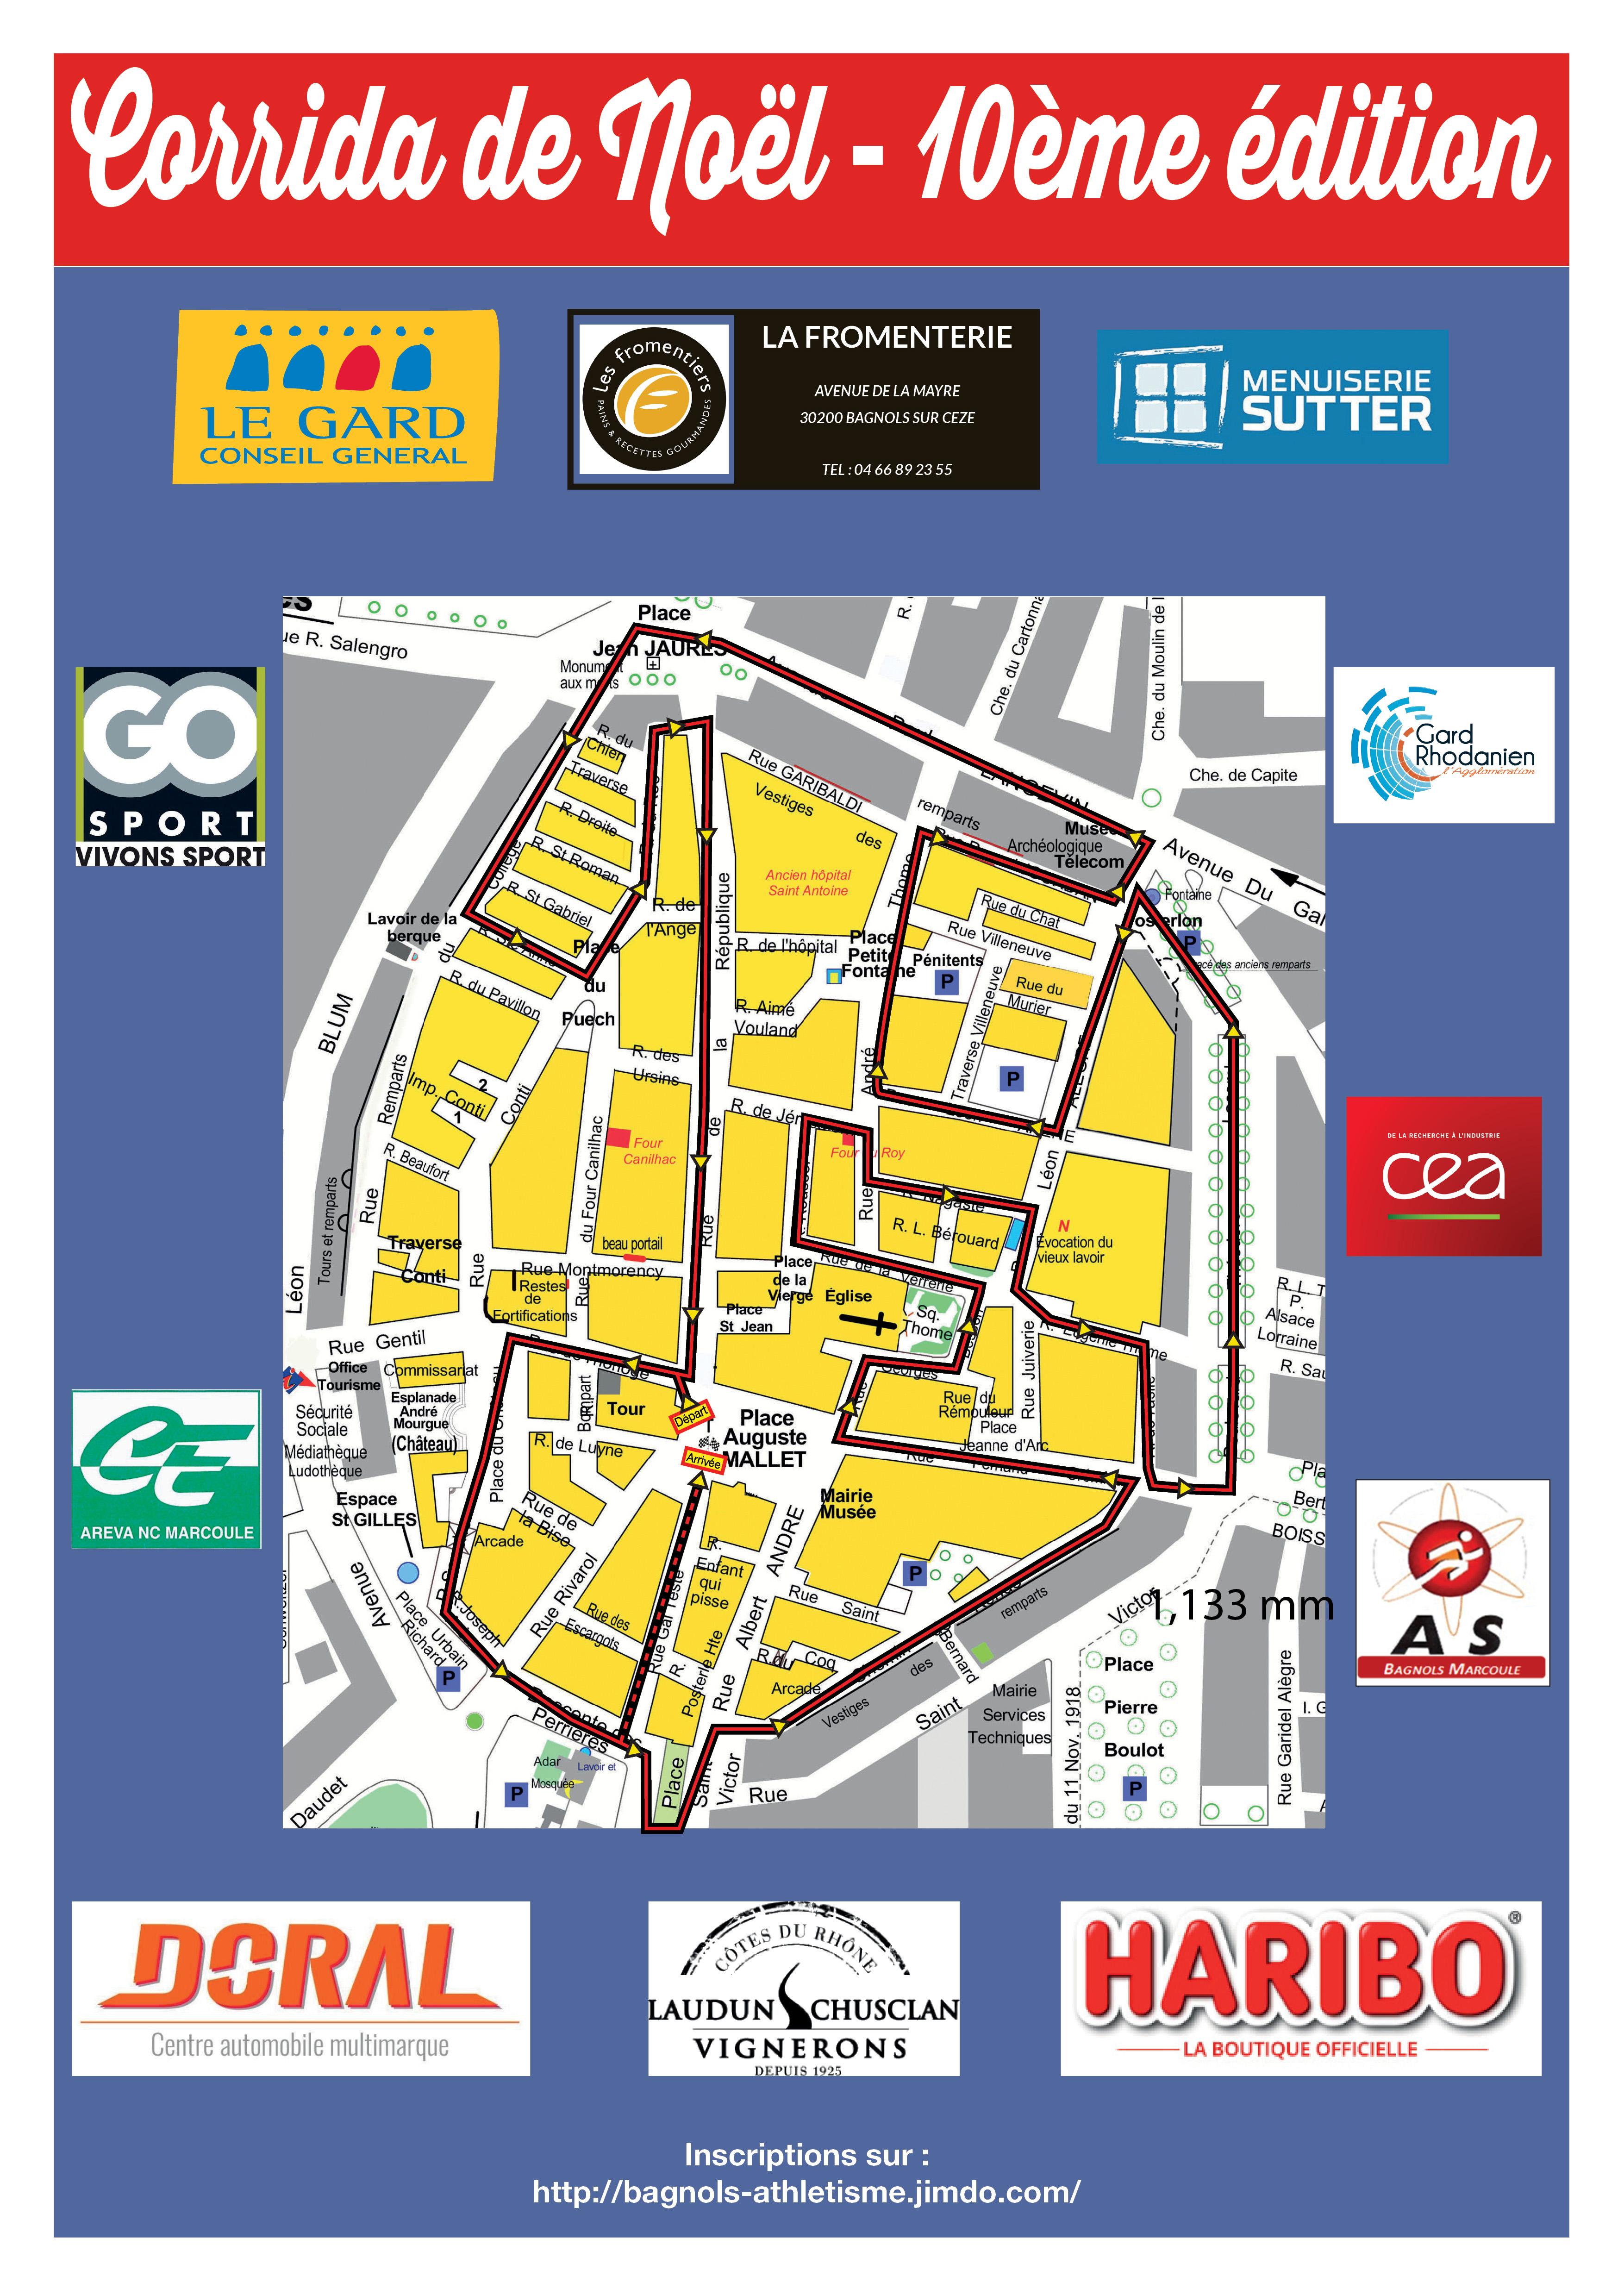 corrida2019 carte image 2